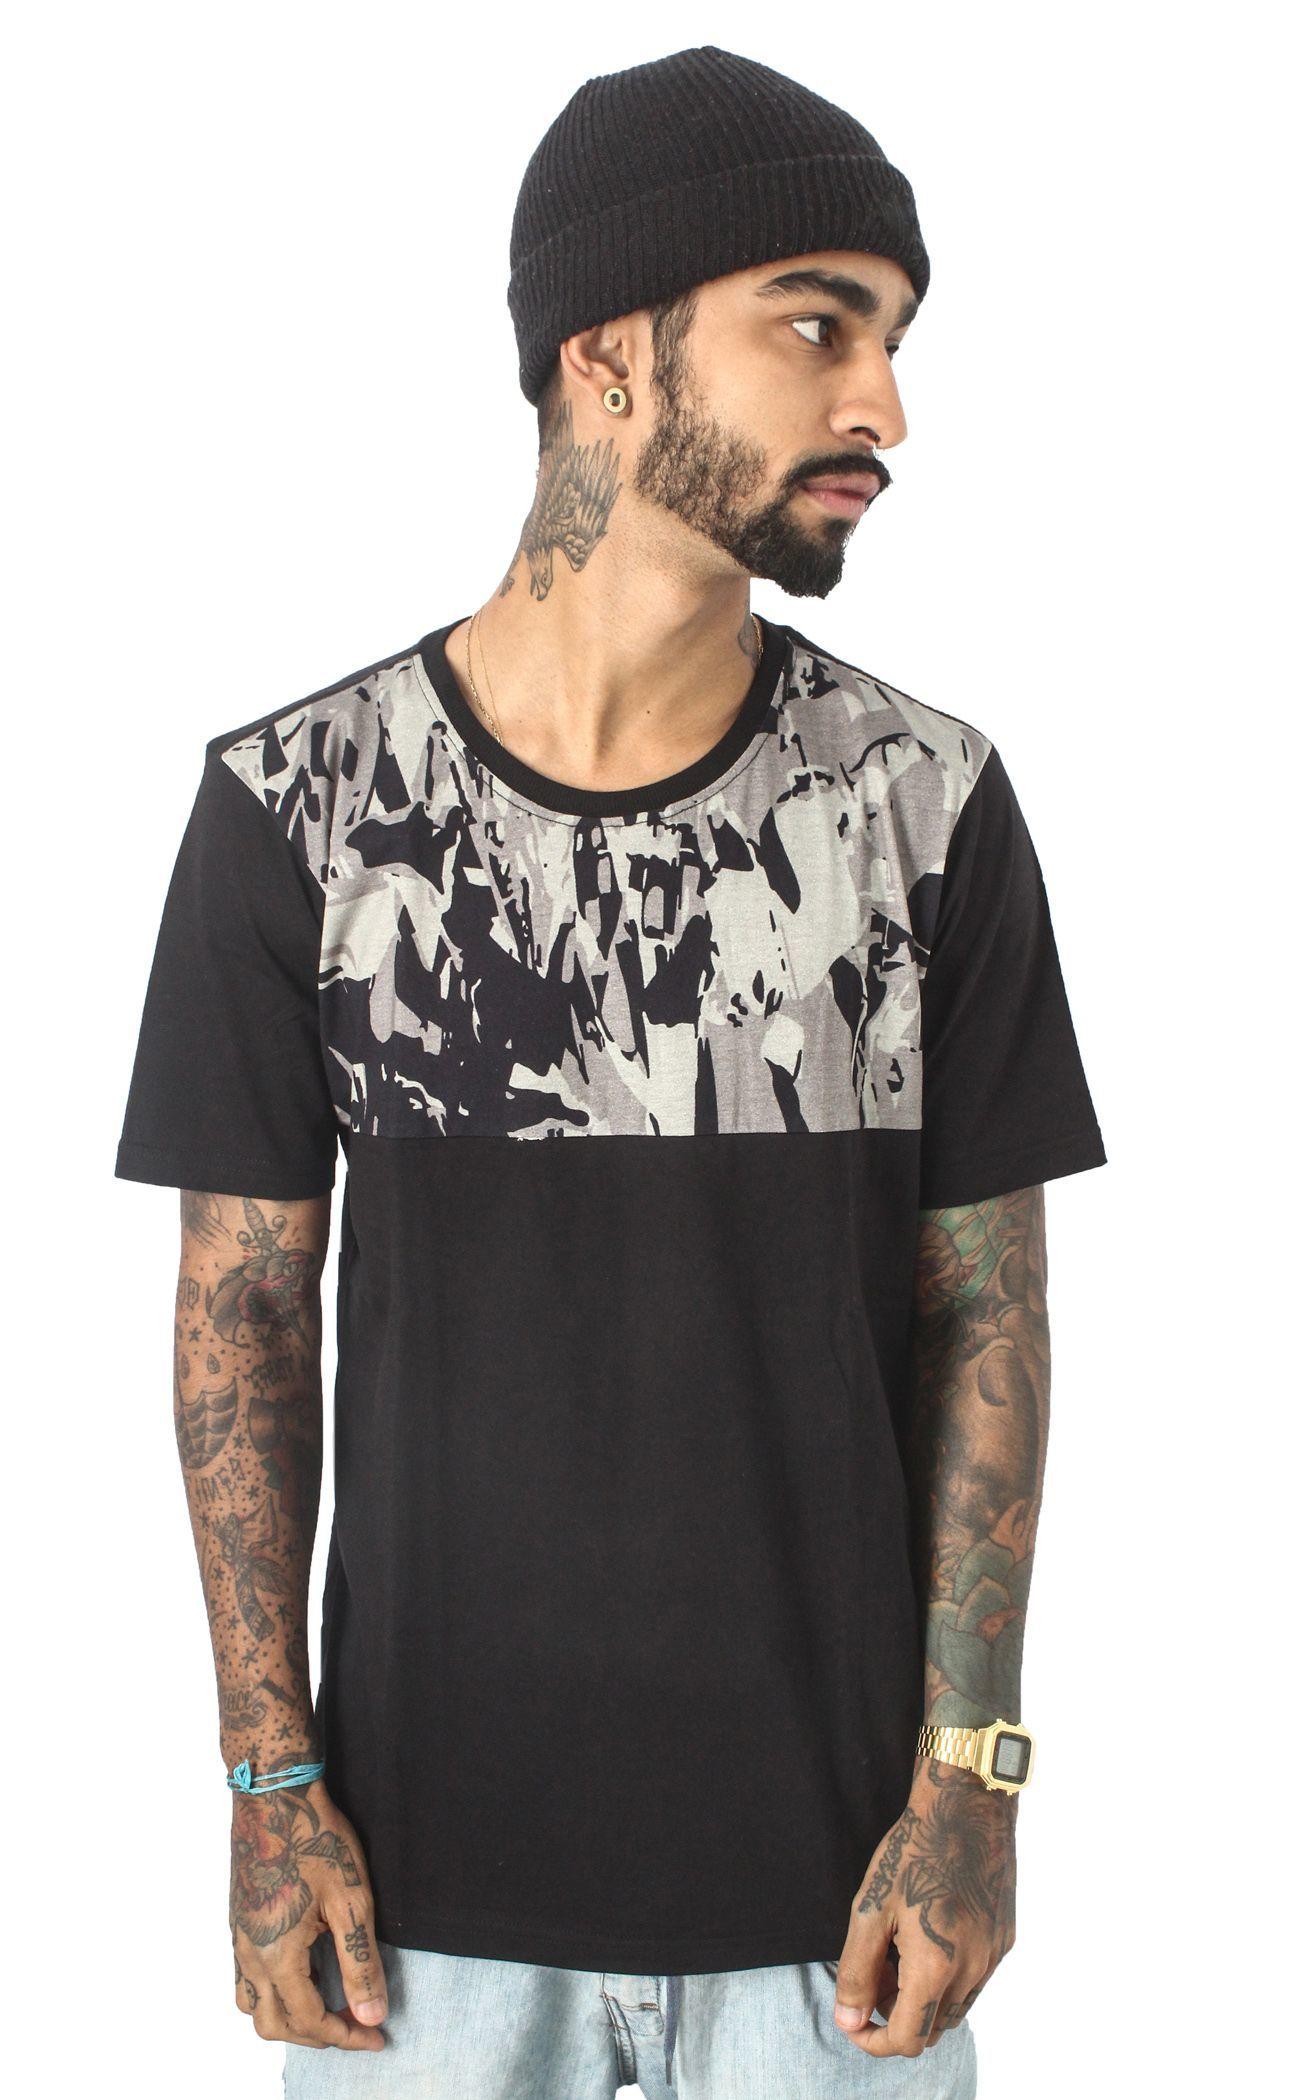 Camiseta Meio Corpo Camuflada - 31 CLOTHING